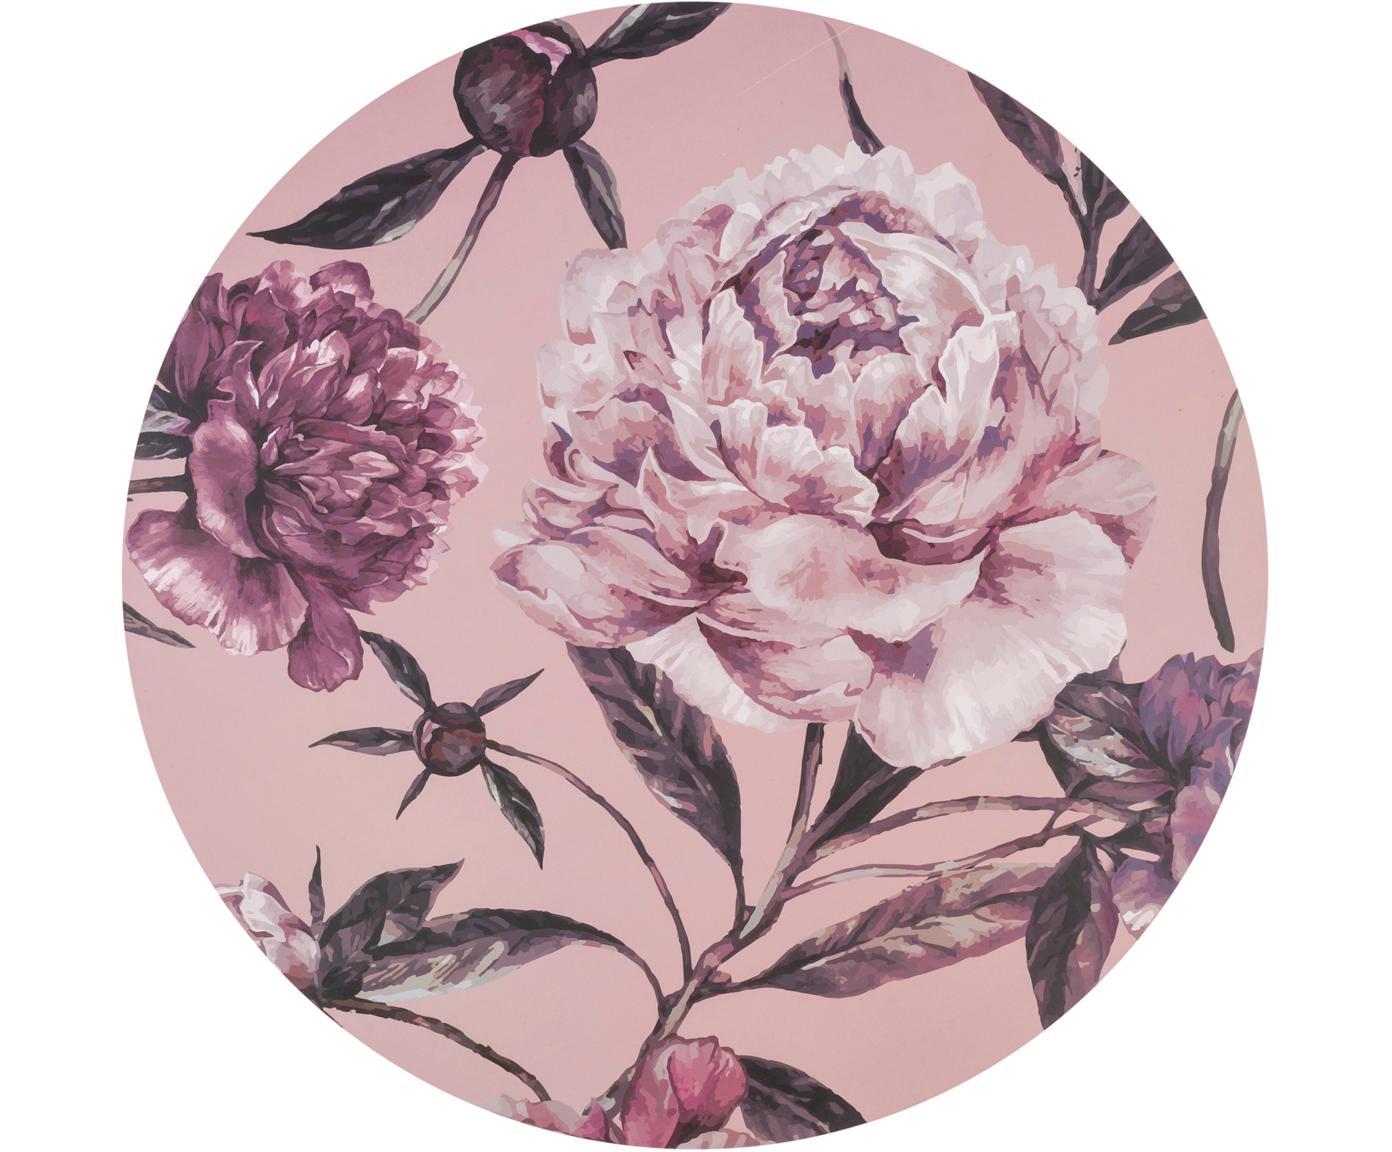 Runde Tischsets Secret Garden, 2 Stück, Vorderseite: Mitteldichte Holzfaserpla, Rückseite: Kork, Rosatöne, Grüntöne, Ø 38 cm